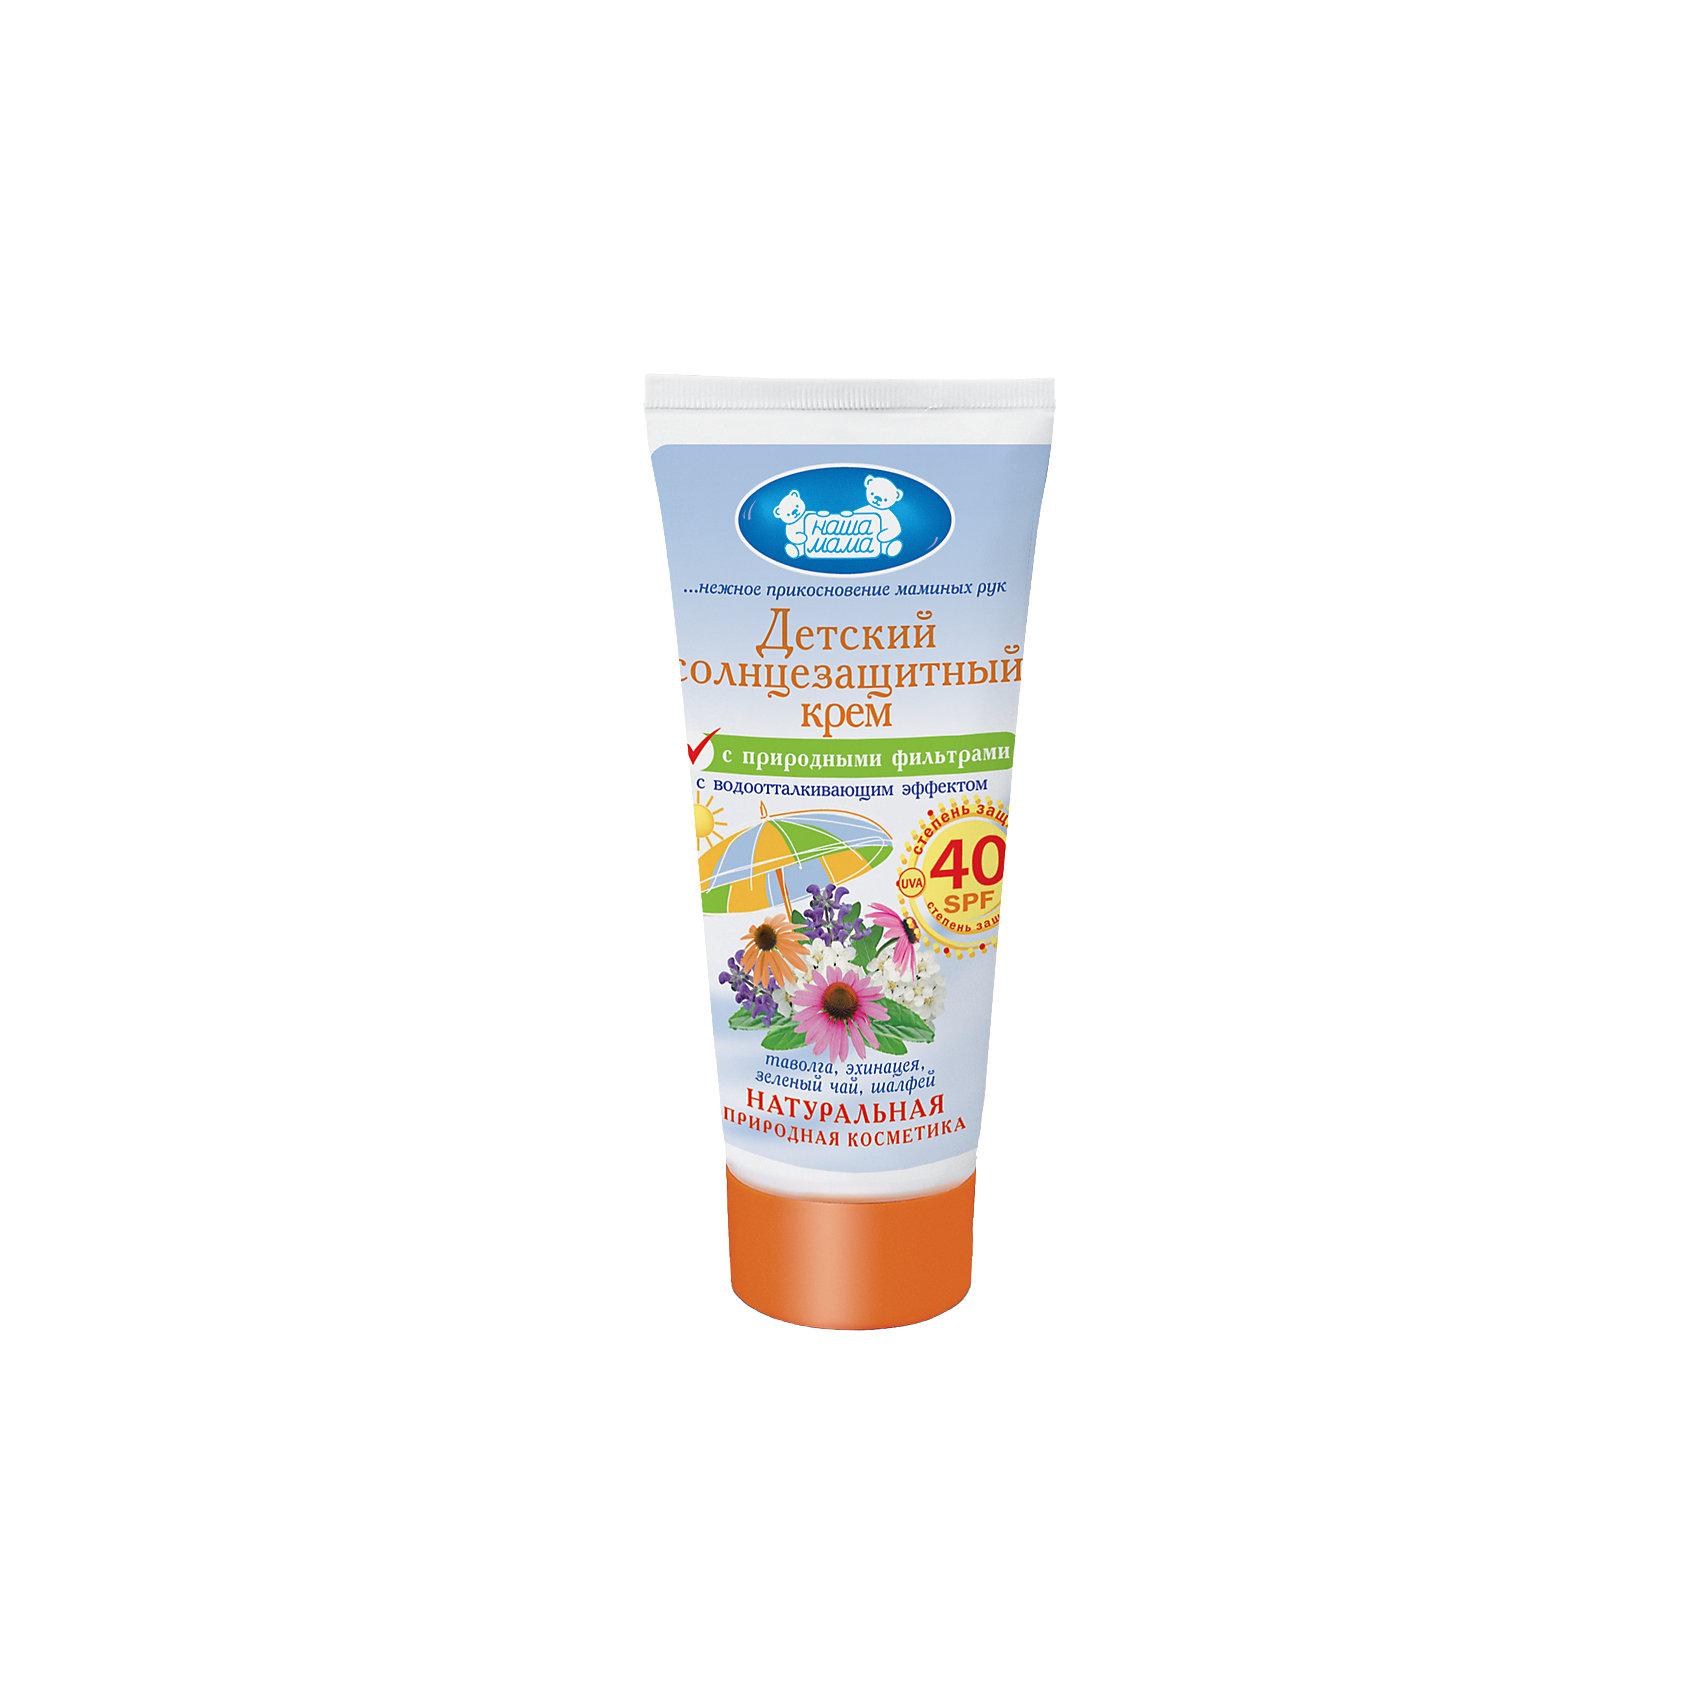 Солнцезащитный крем водоотталкивающий SPF +40, 50 мл, Наша МамаСредства защиты от солнца и насекомых<br>Детский солнцезащиный крем и солнцезащитное детское молочко серии «Наша Мама» – идеальное решение для защиты детей от солнца!Тройная система органических, неорганических и природных фильтров обеспечивает надежную защиту от UVА и UVB-лучей.<br><br>Ширина мм: 50<br>Глубина мм: 80<br>Высота мм: 120<br>Вес г: 60<br>Возраст от месяцев: 0<br>Возраст до месяцев: 36<br>Пол: Унисекс<br>Возраст: Детский<br>SKU: 4124433